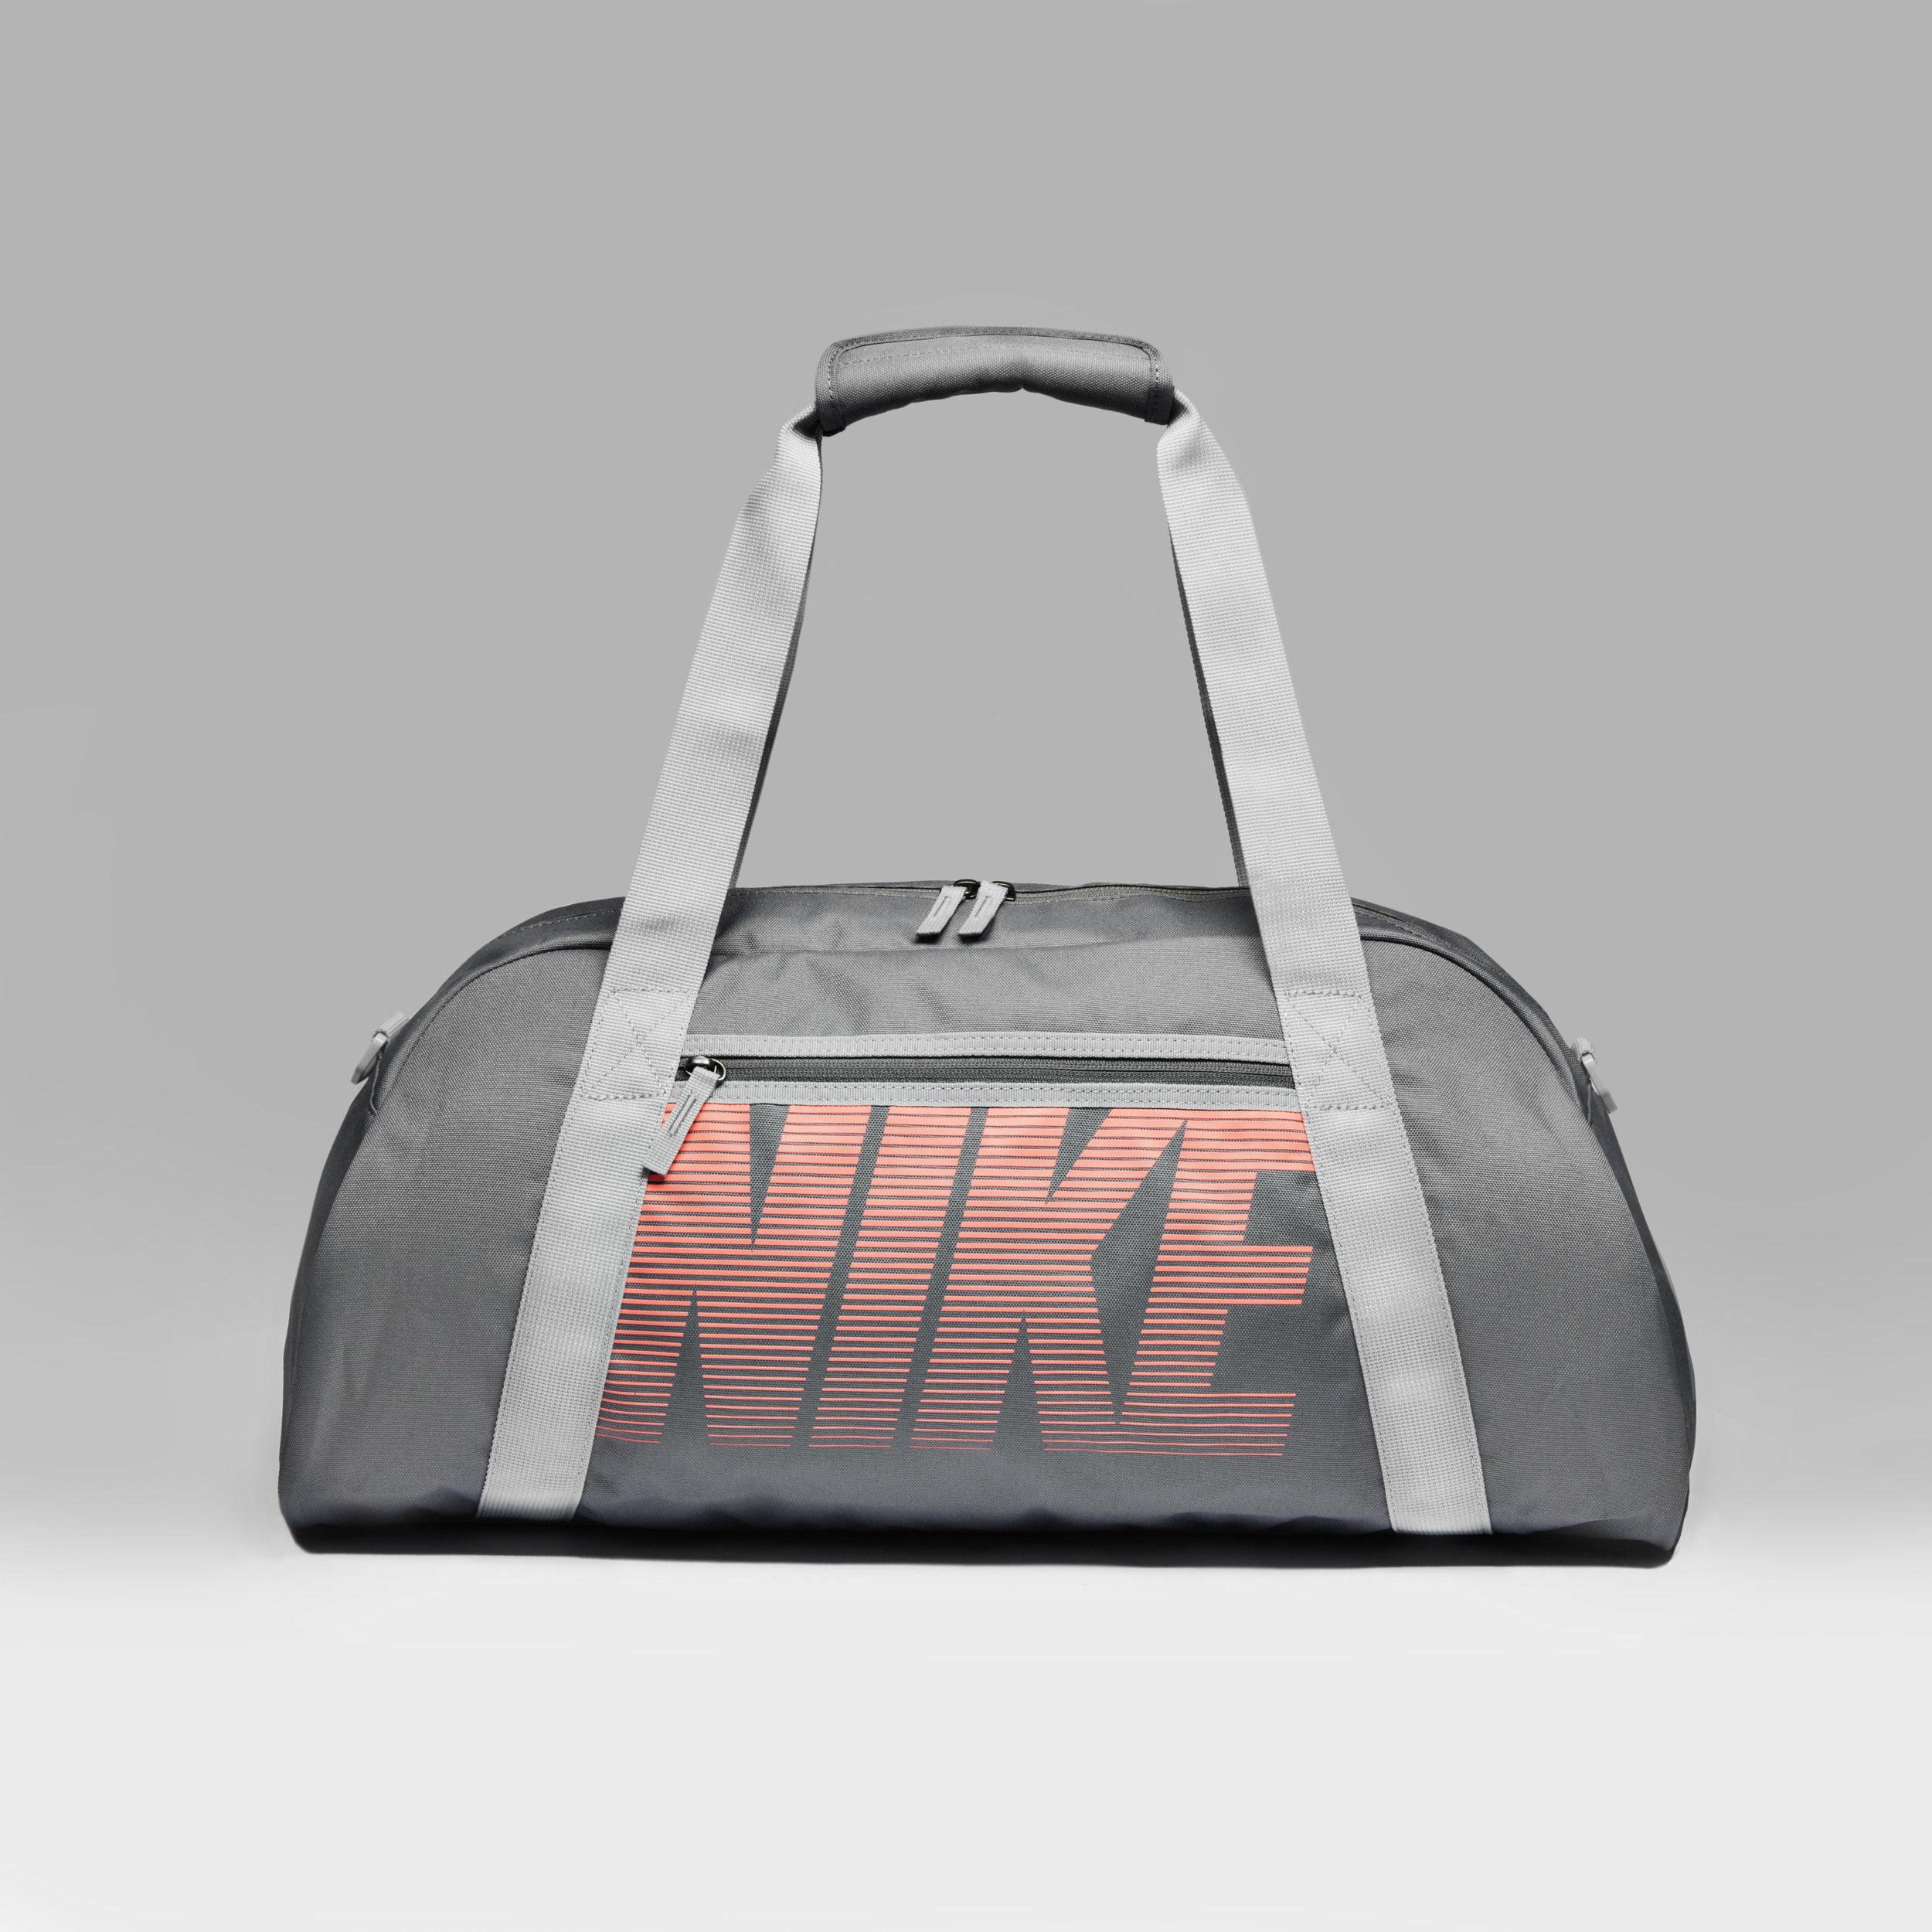 NikeBag_01.jpg